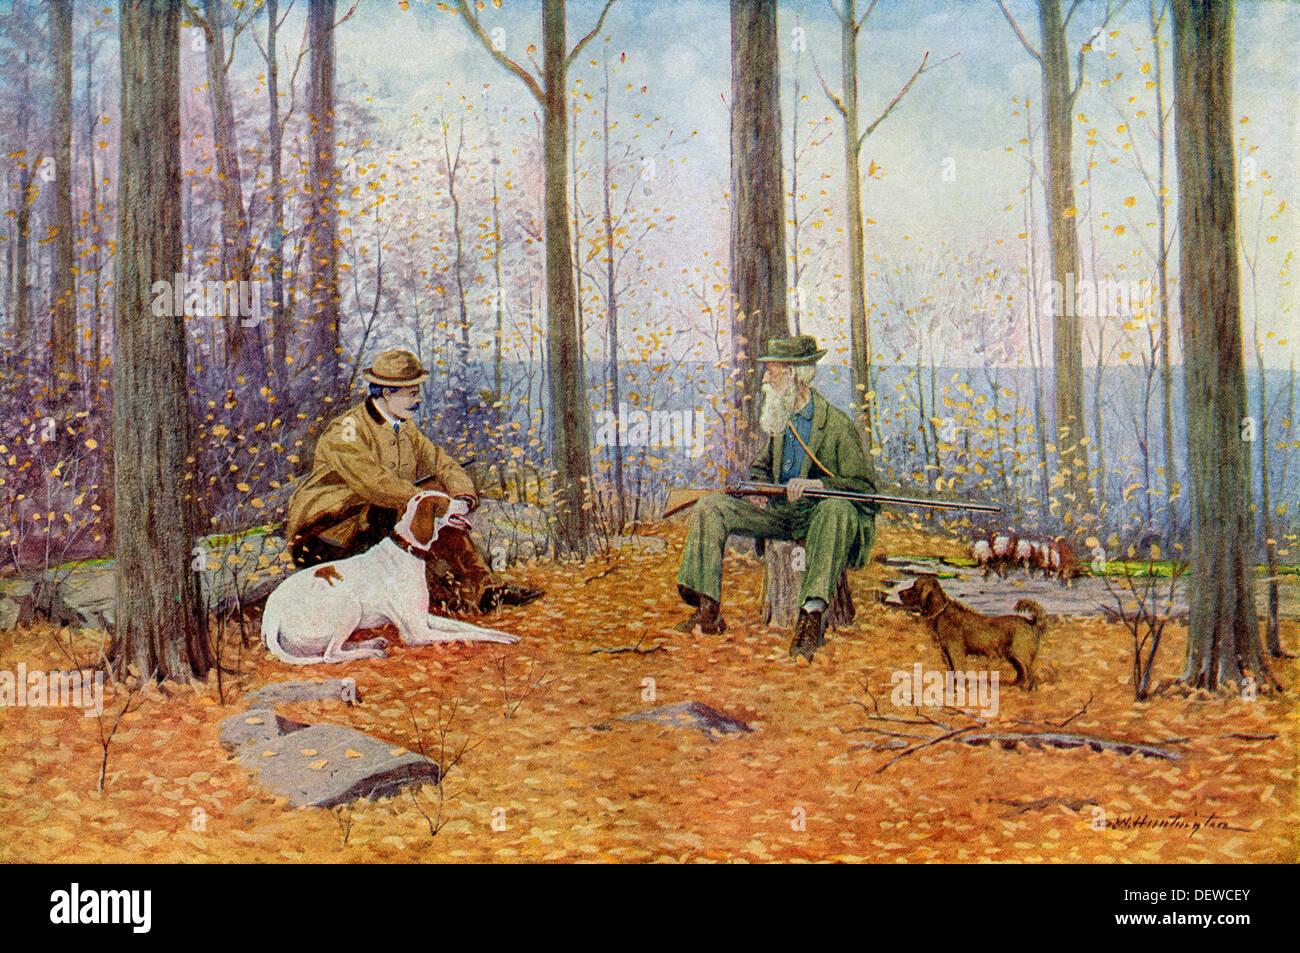 Jung und alt, Sportler mit ihren Vogel Hunde in dem Fall Holz, ca. 1900. Farblithographie von einen A.B.-Frost Abbildung Stockbild